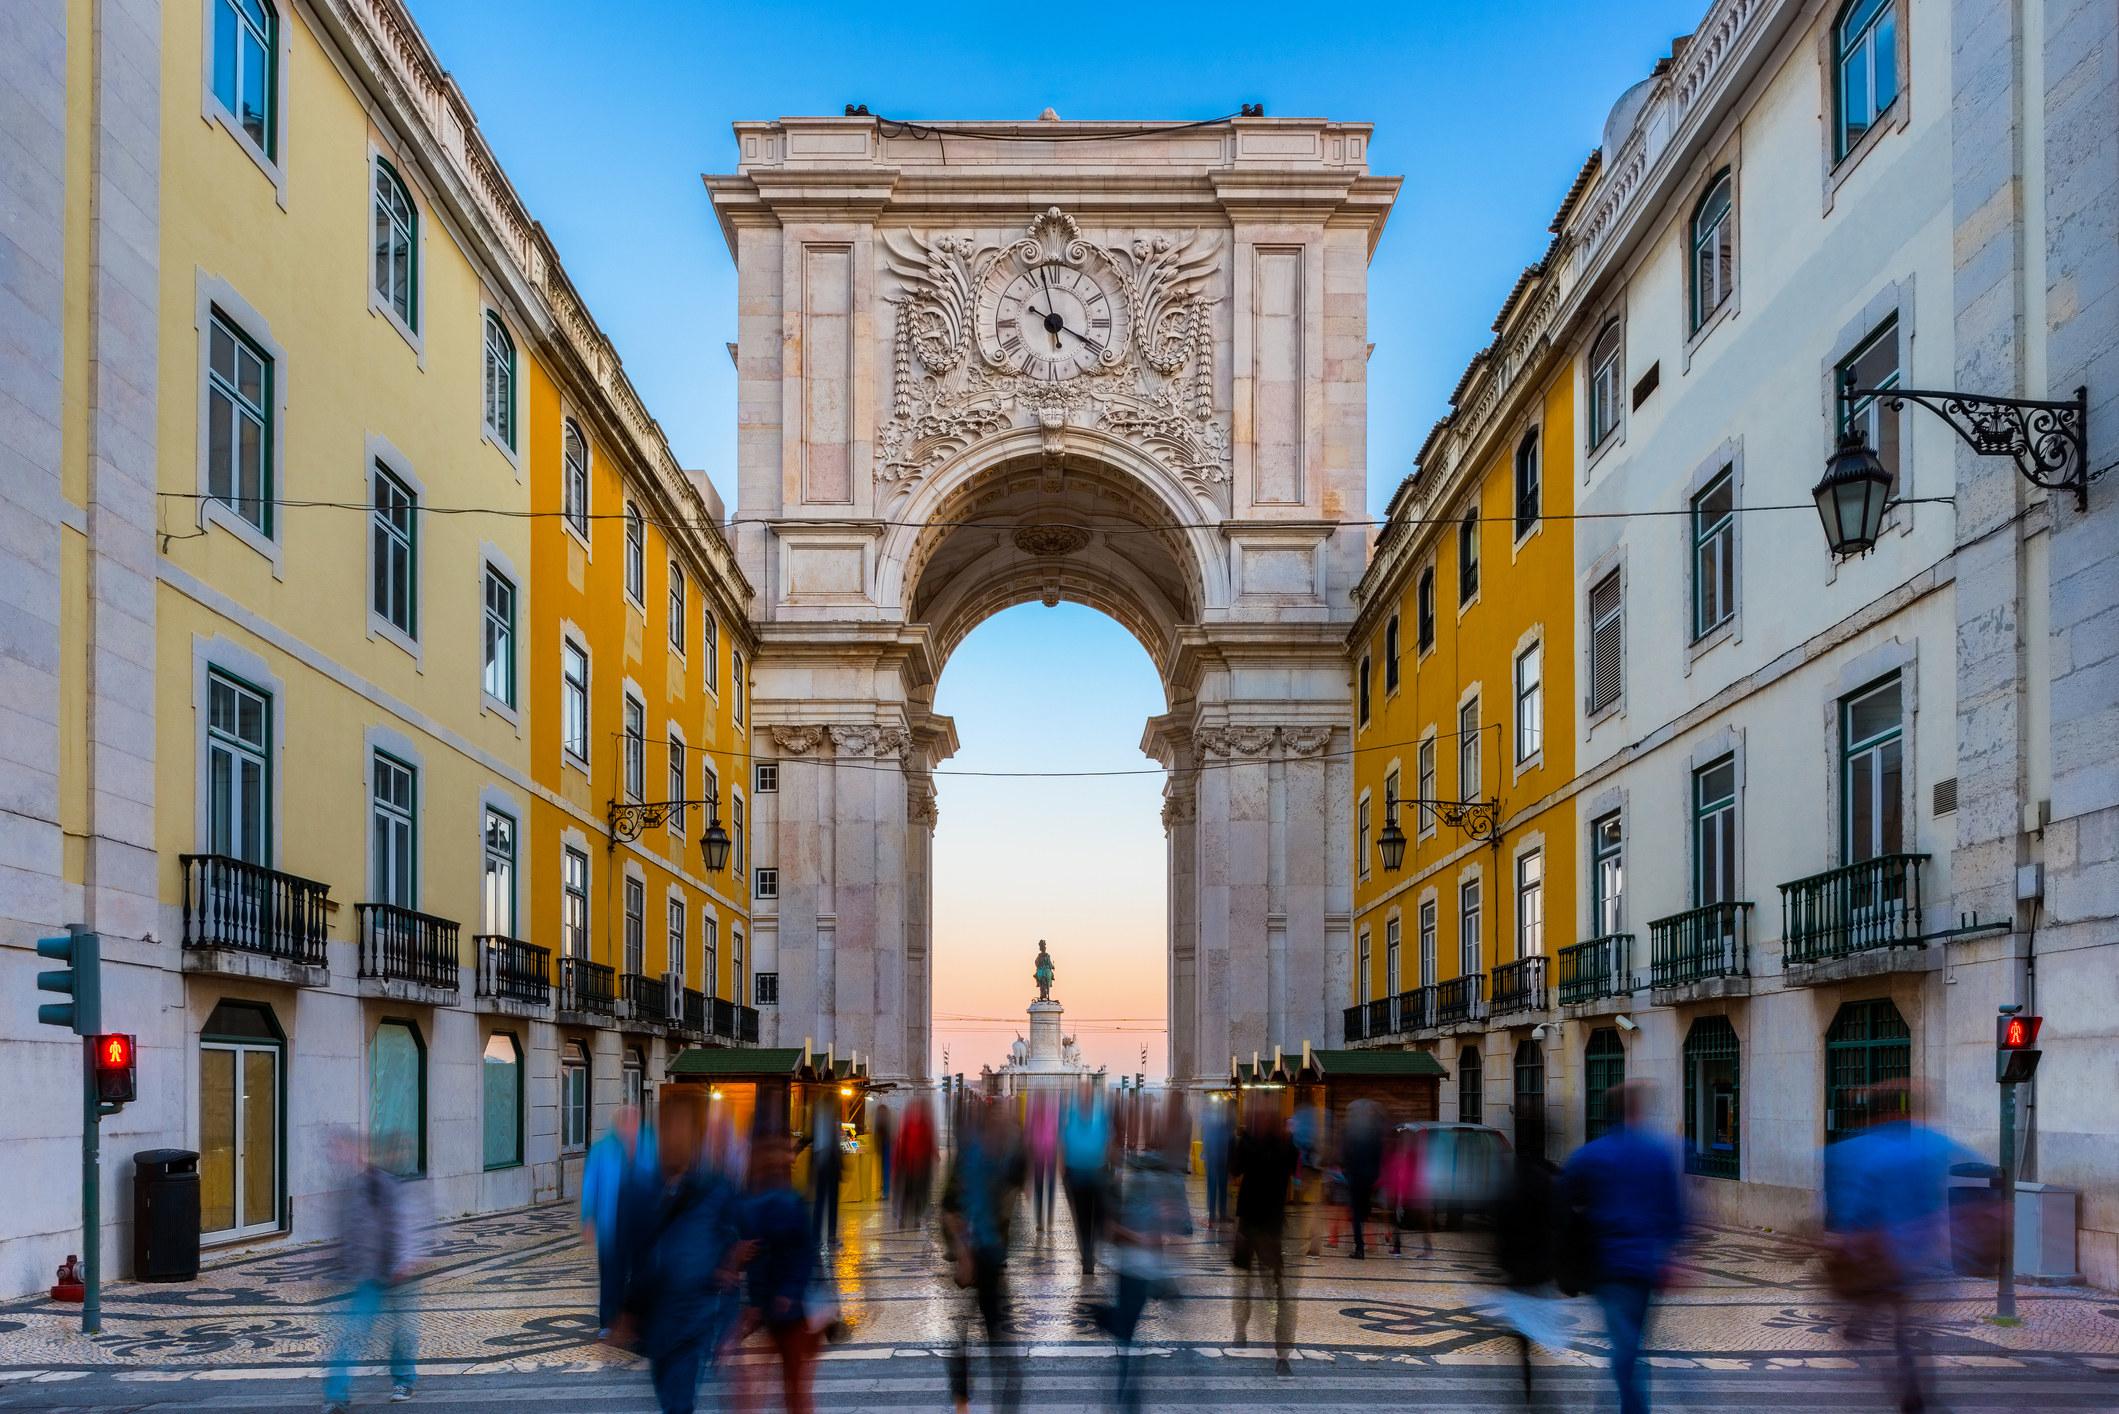 People walking in a plaza in Lisbon.